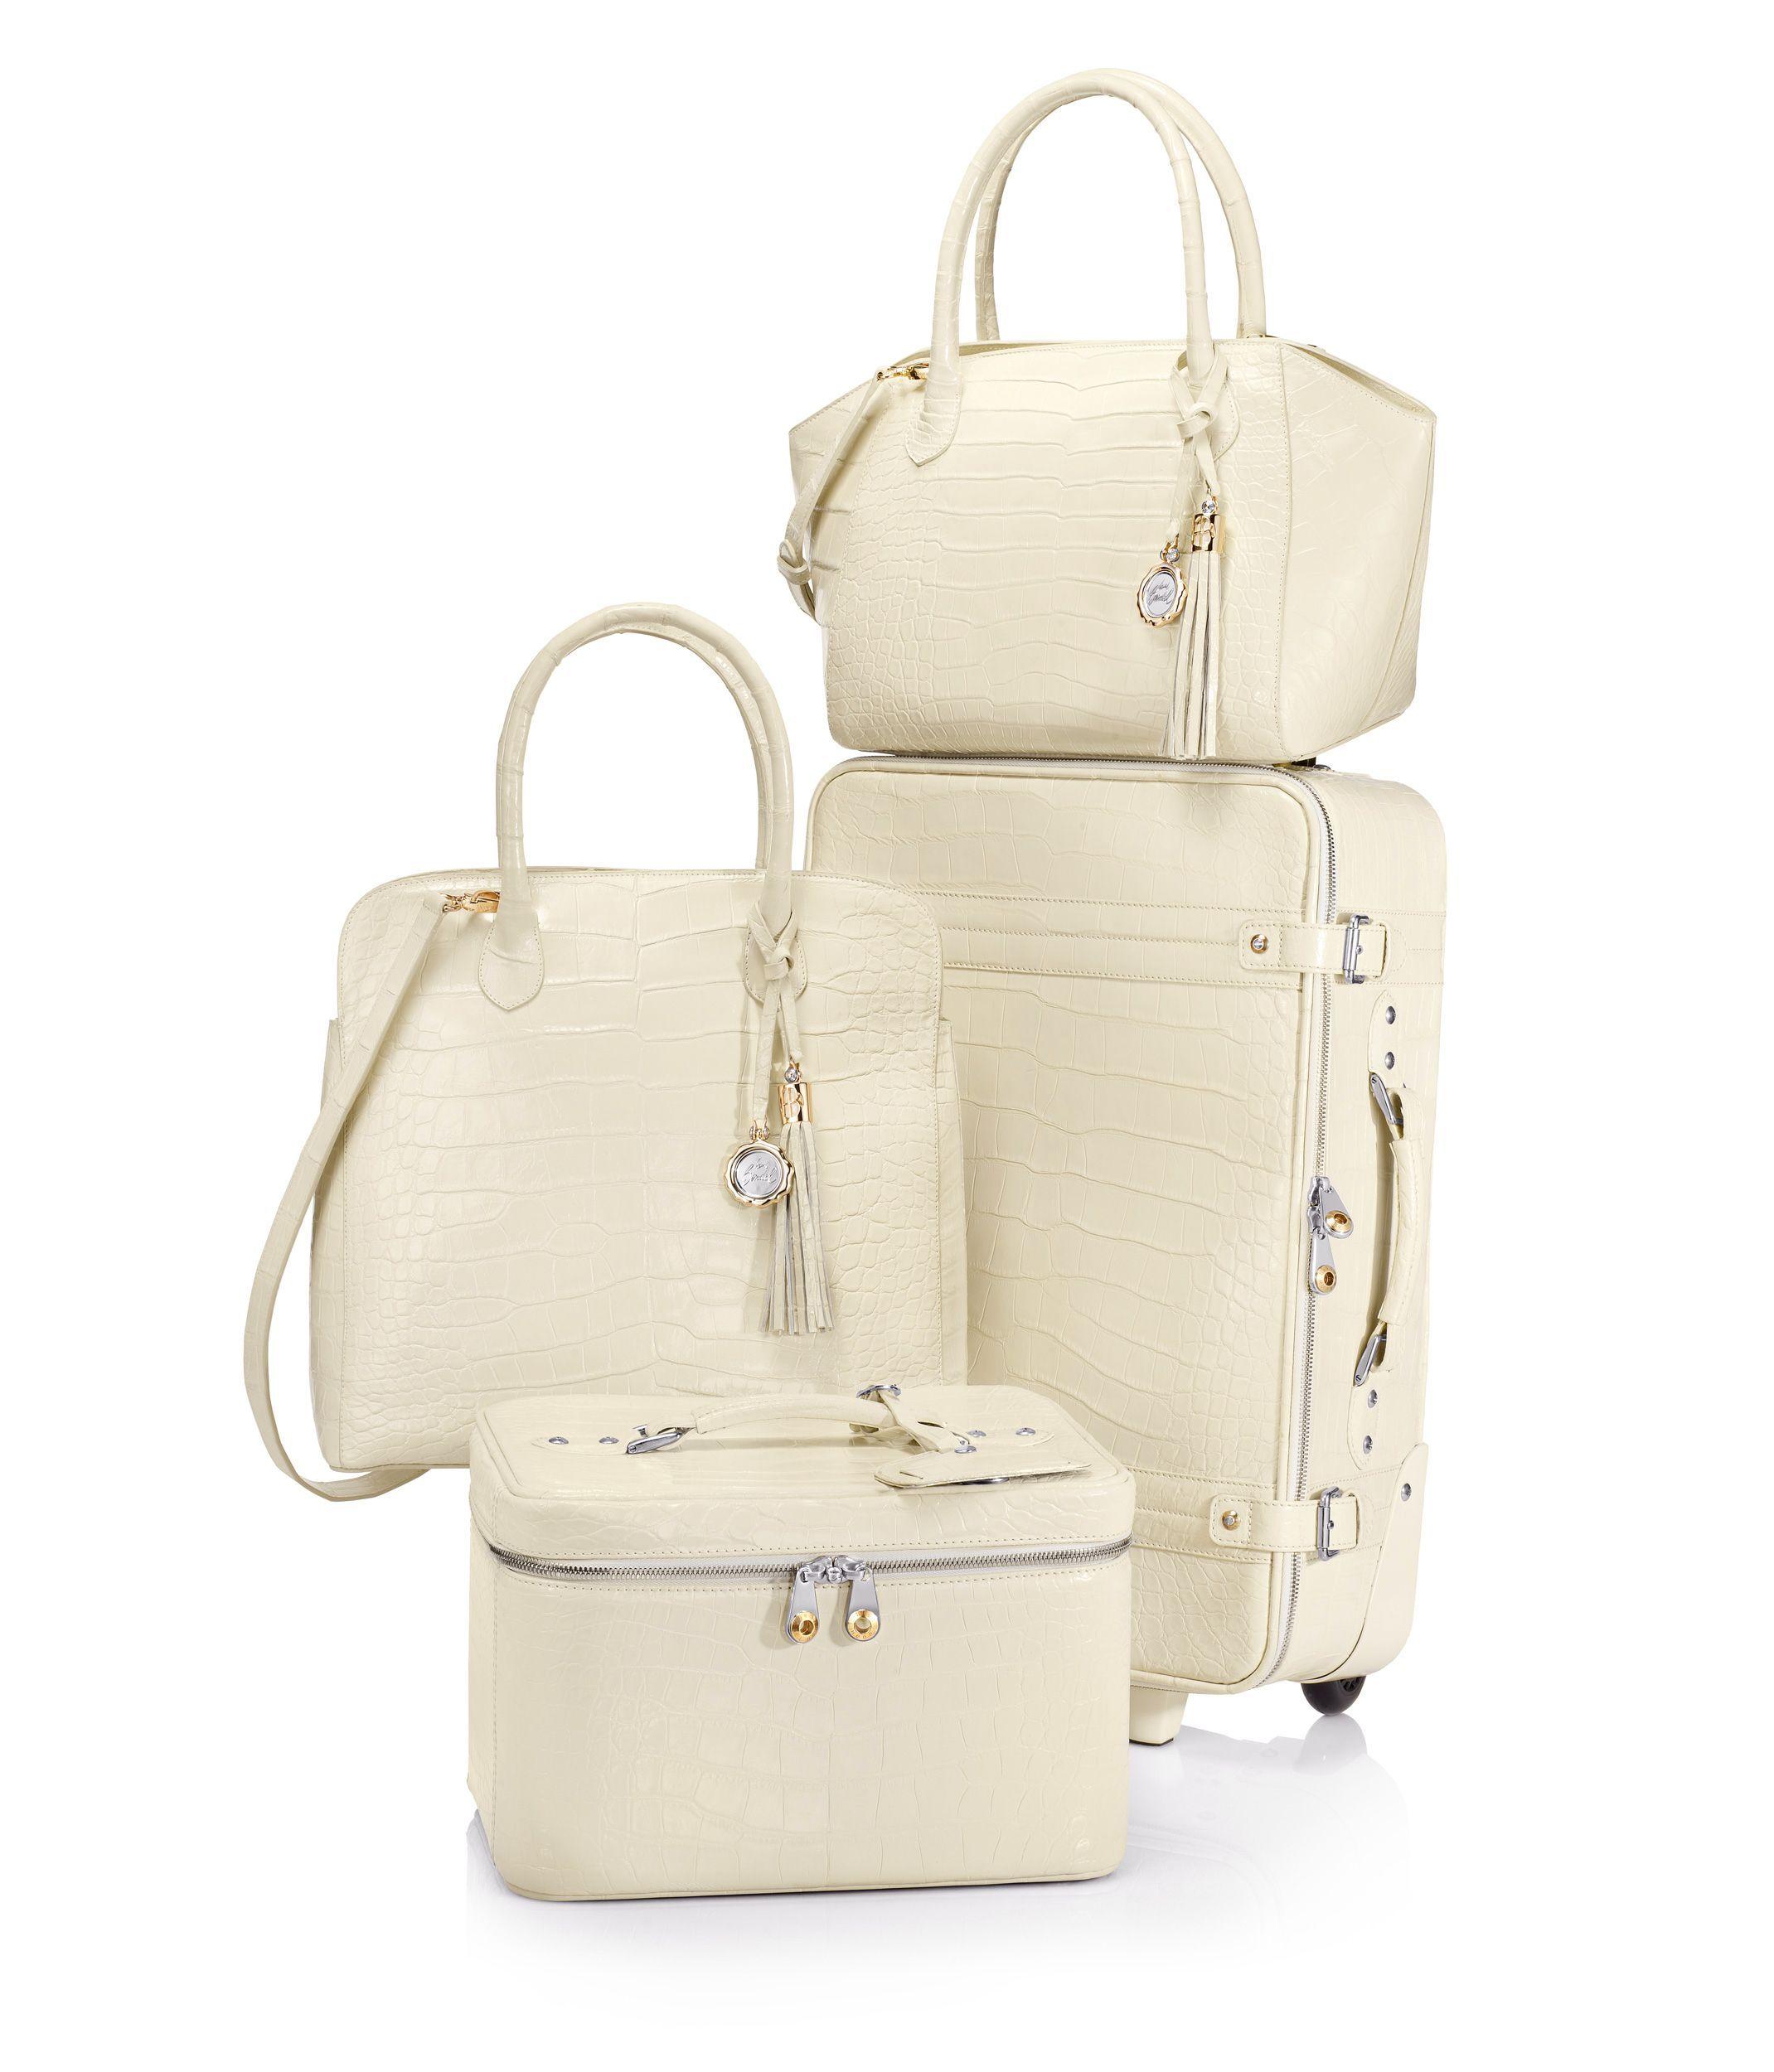 Luxe Alligator Train Case - Designer Luggage - Wheeled Luggage ...